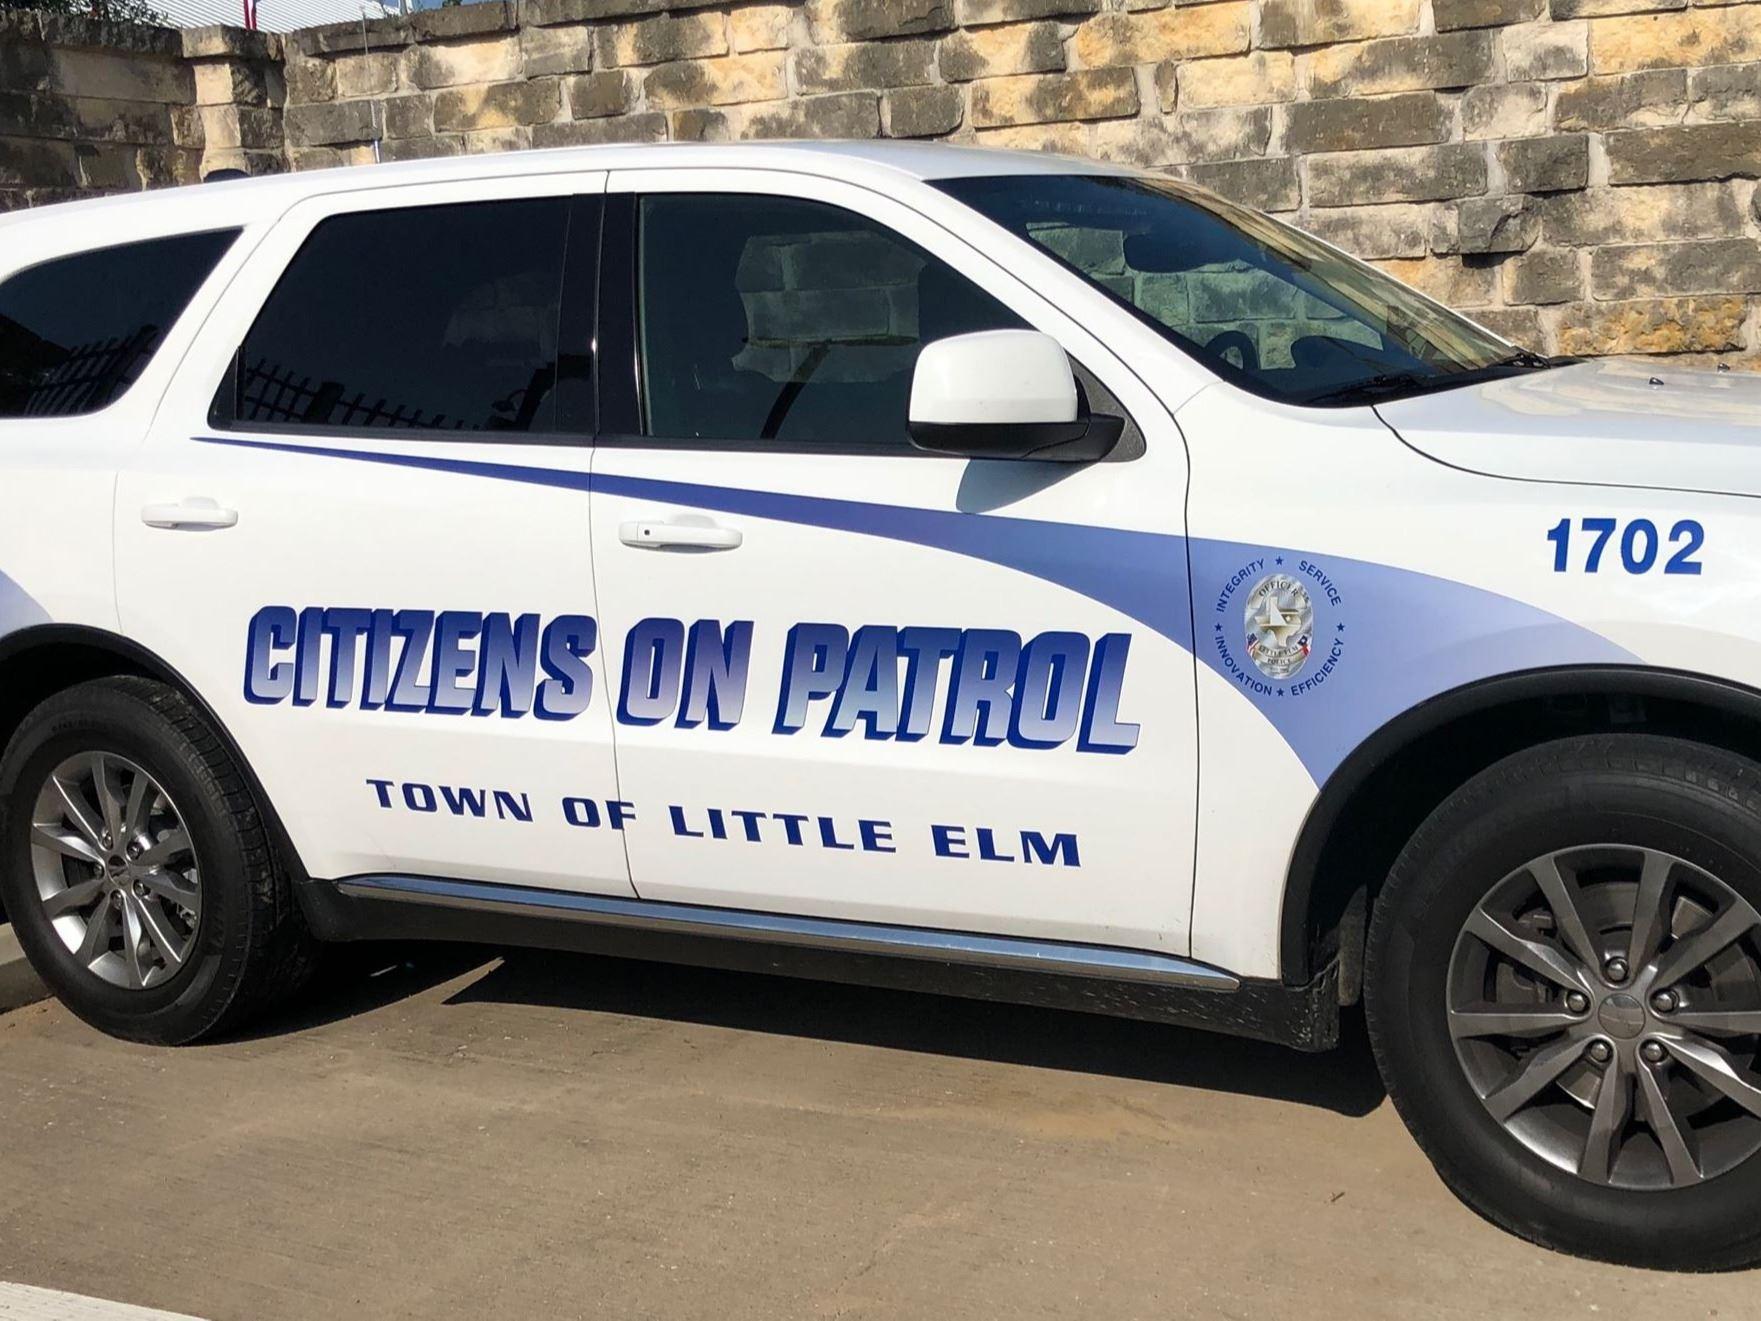 Town of Little Elm, TX - Official Website